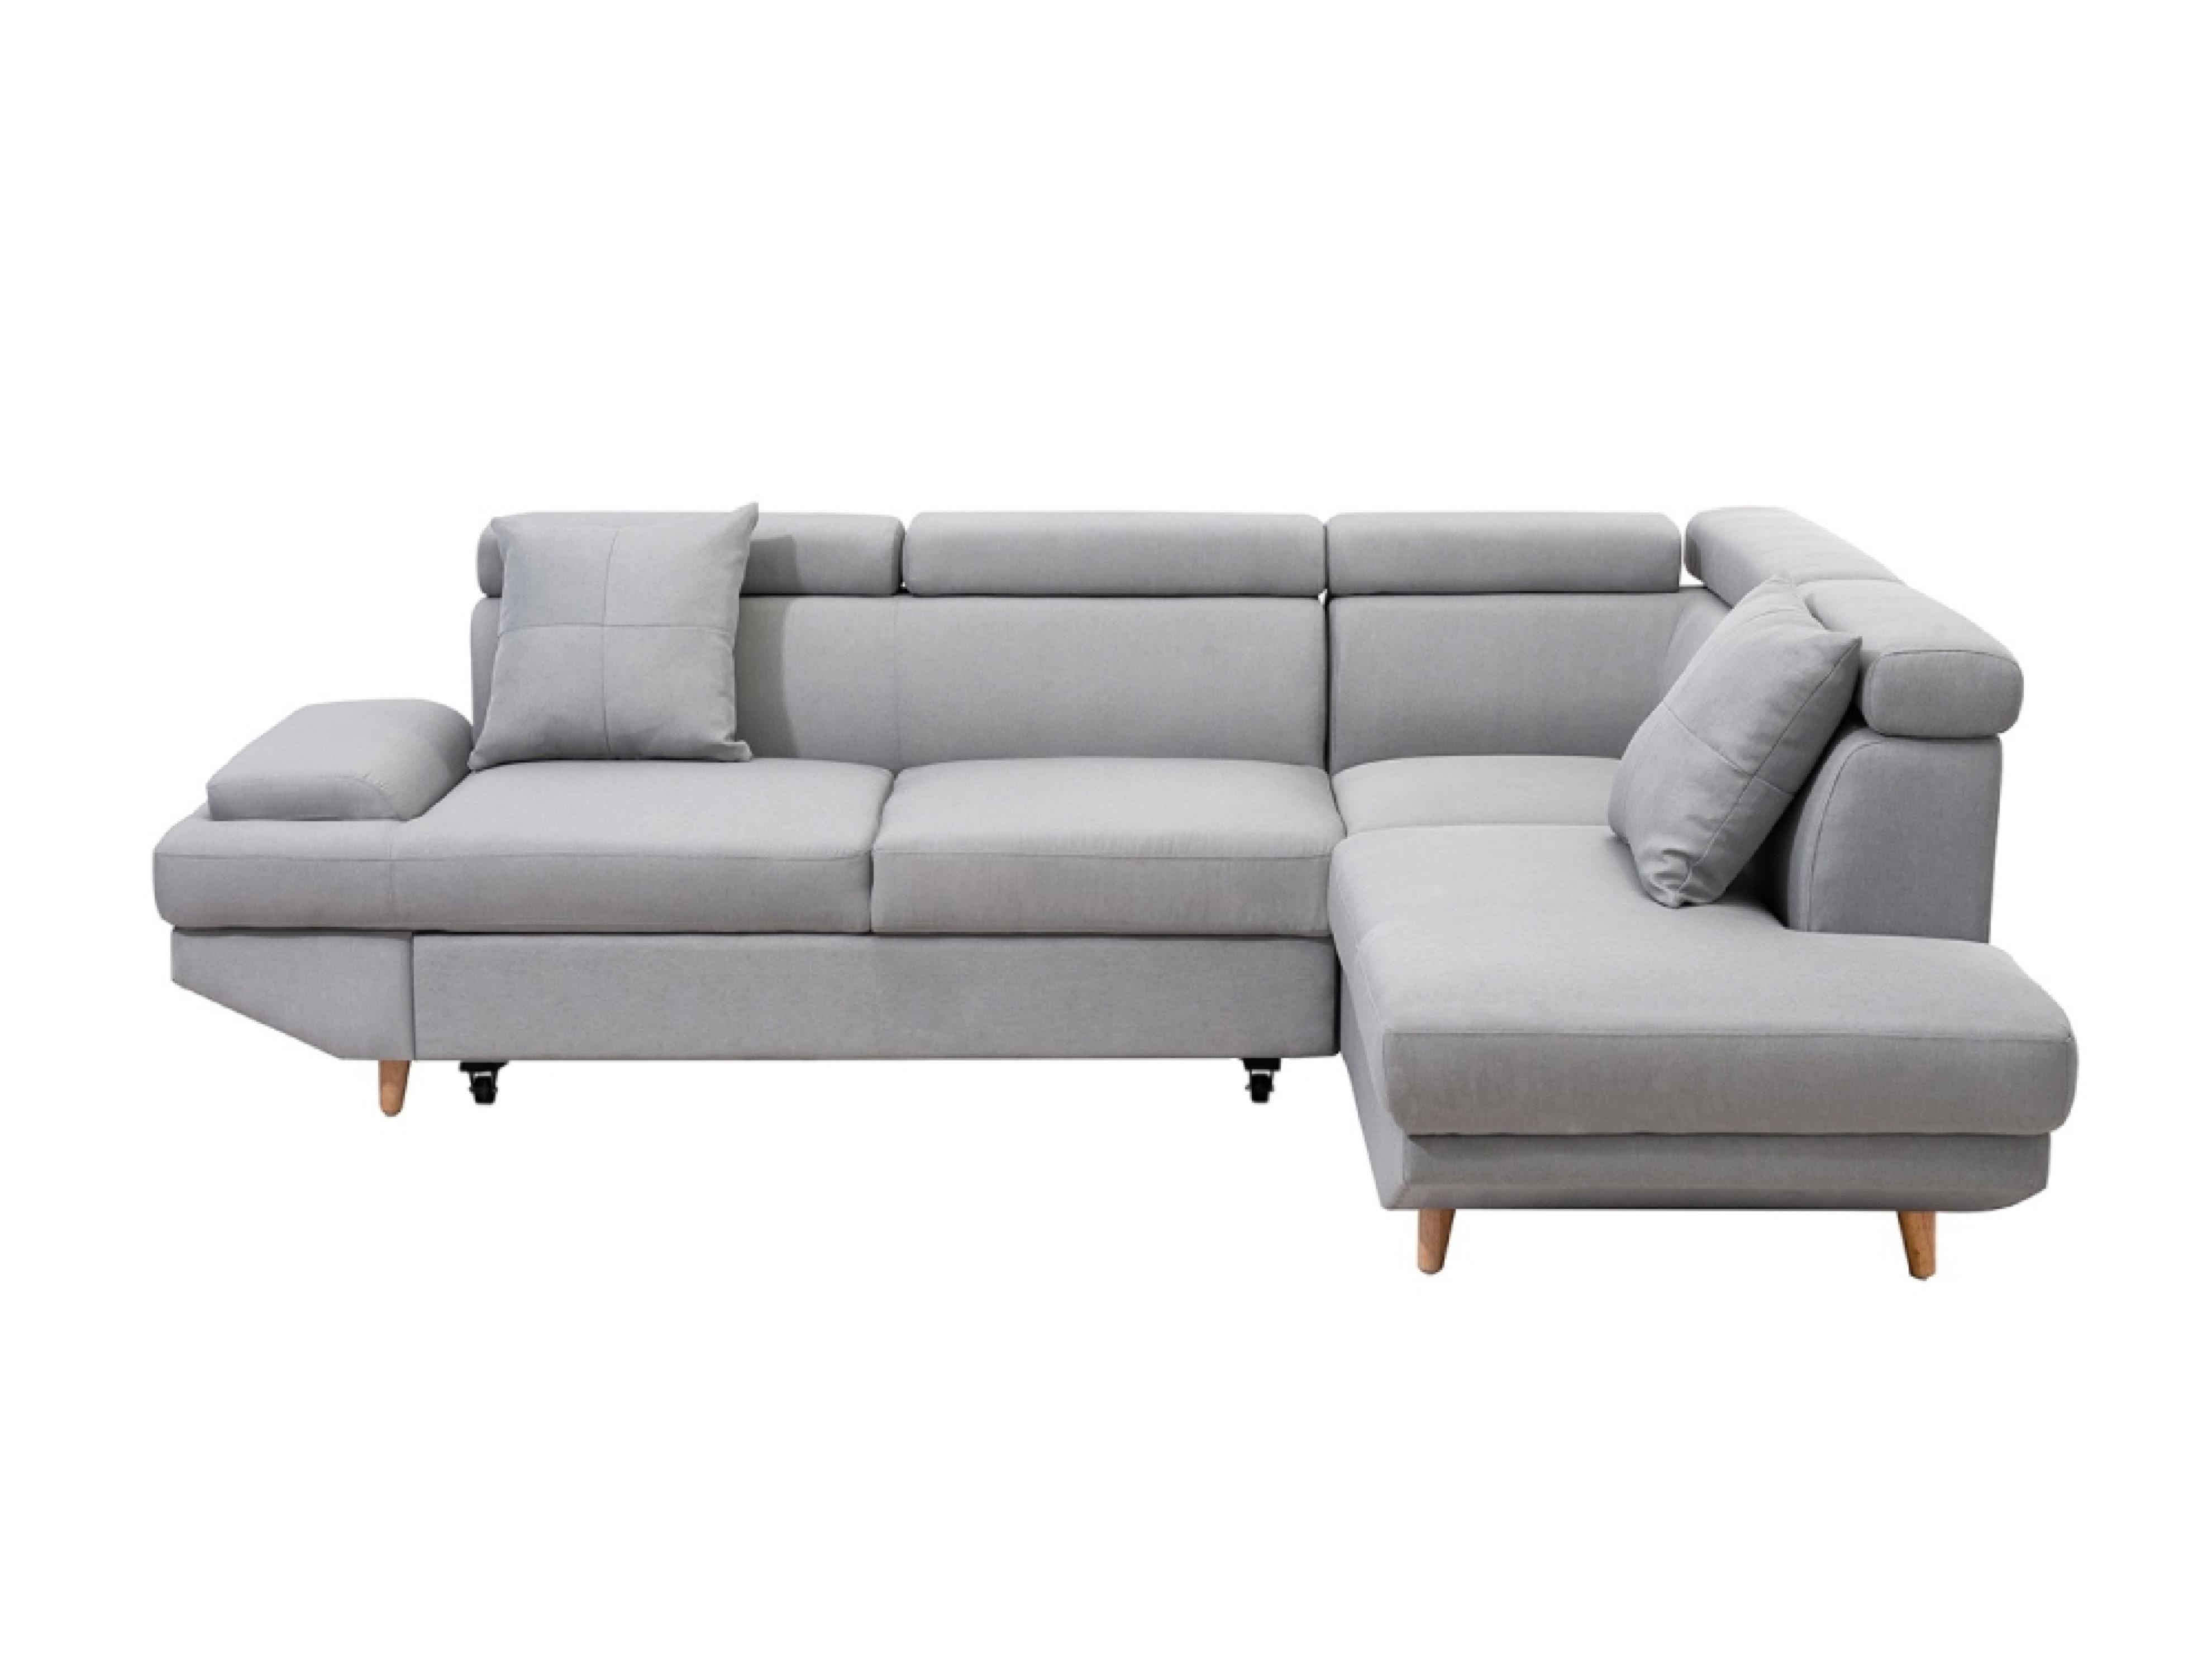 Canapé d'angle droit convertible 4 places en tissu gris clair